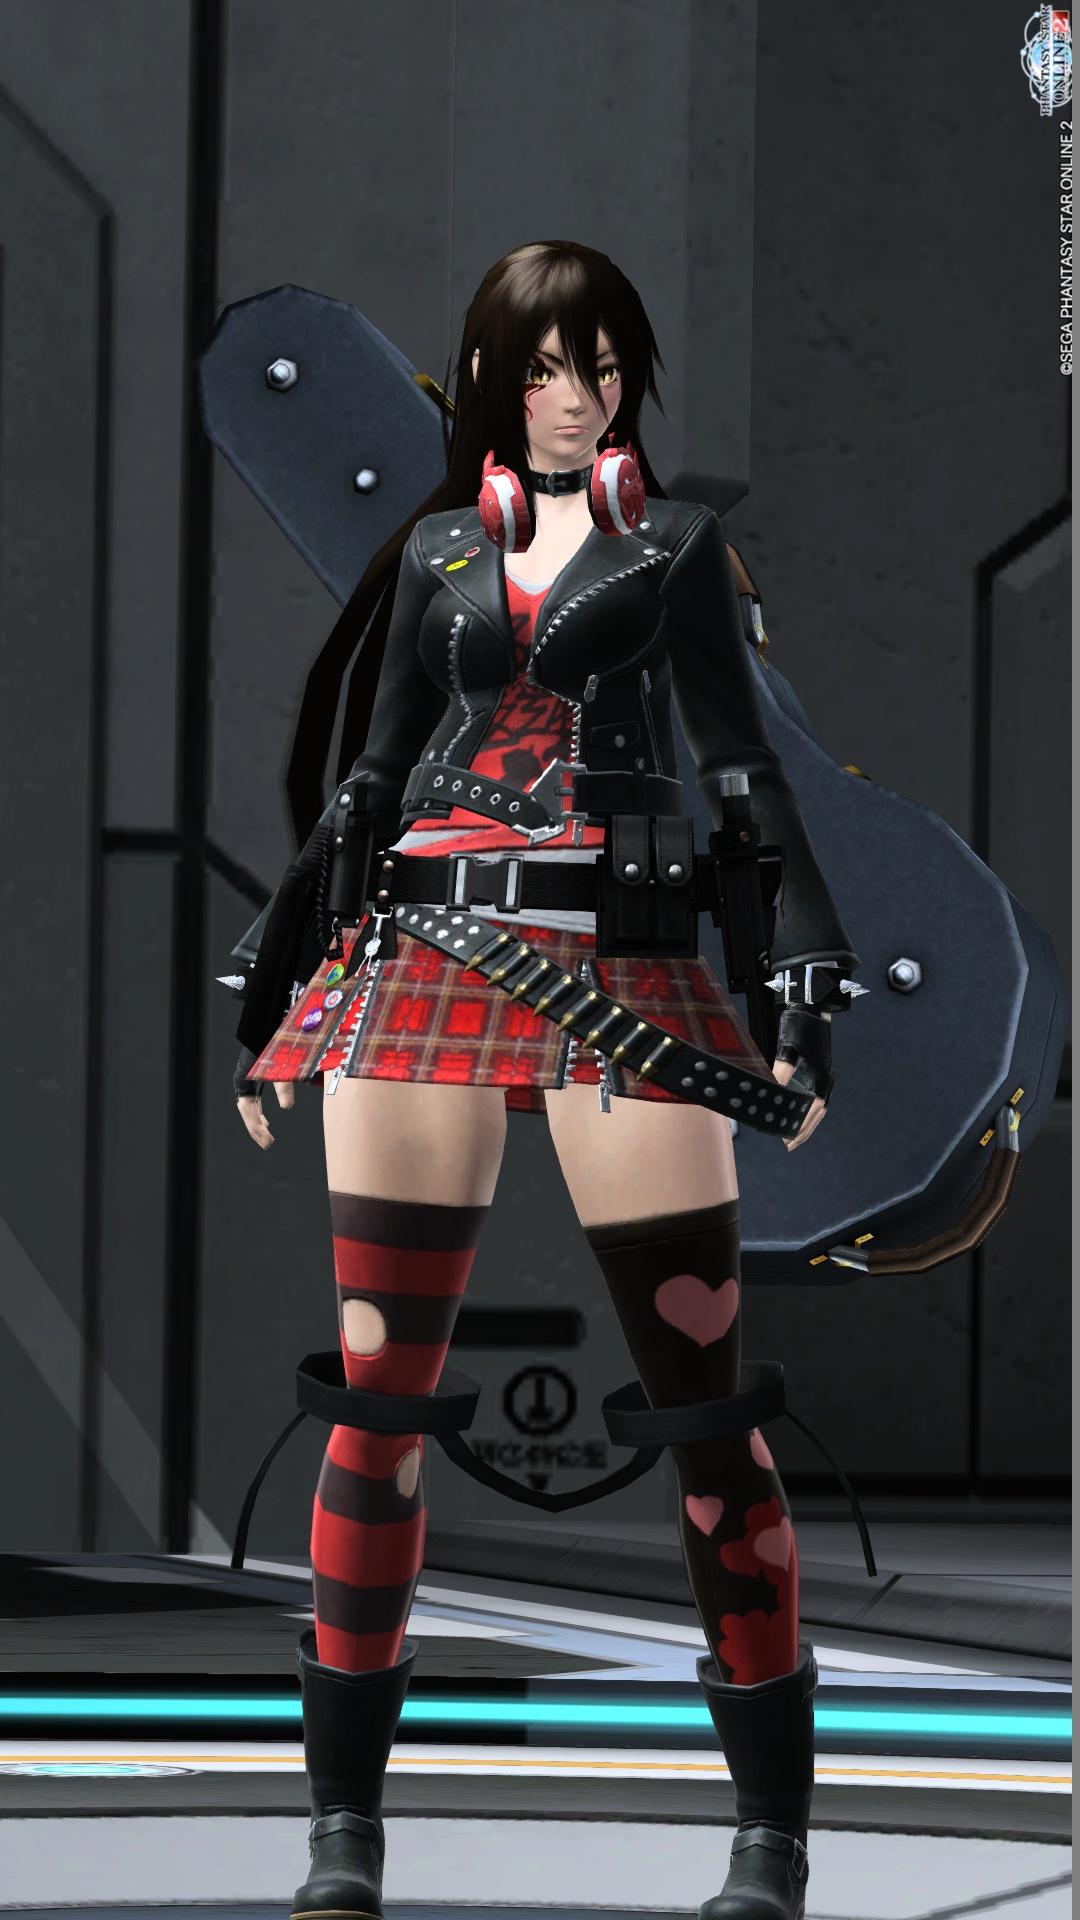 髪型シャープアナザーロングメイクナチュラルメイクブレイズメイク赤瞳パターンブラッククロスアイ 大アクセサリー首掛けヘッドフォントゲトゲのリストバンドSPベルト